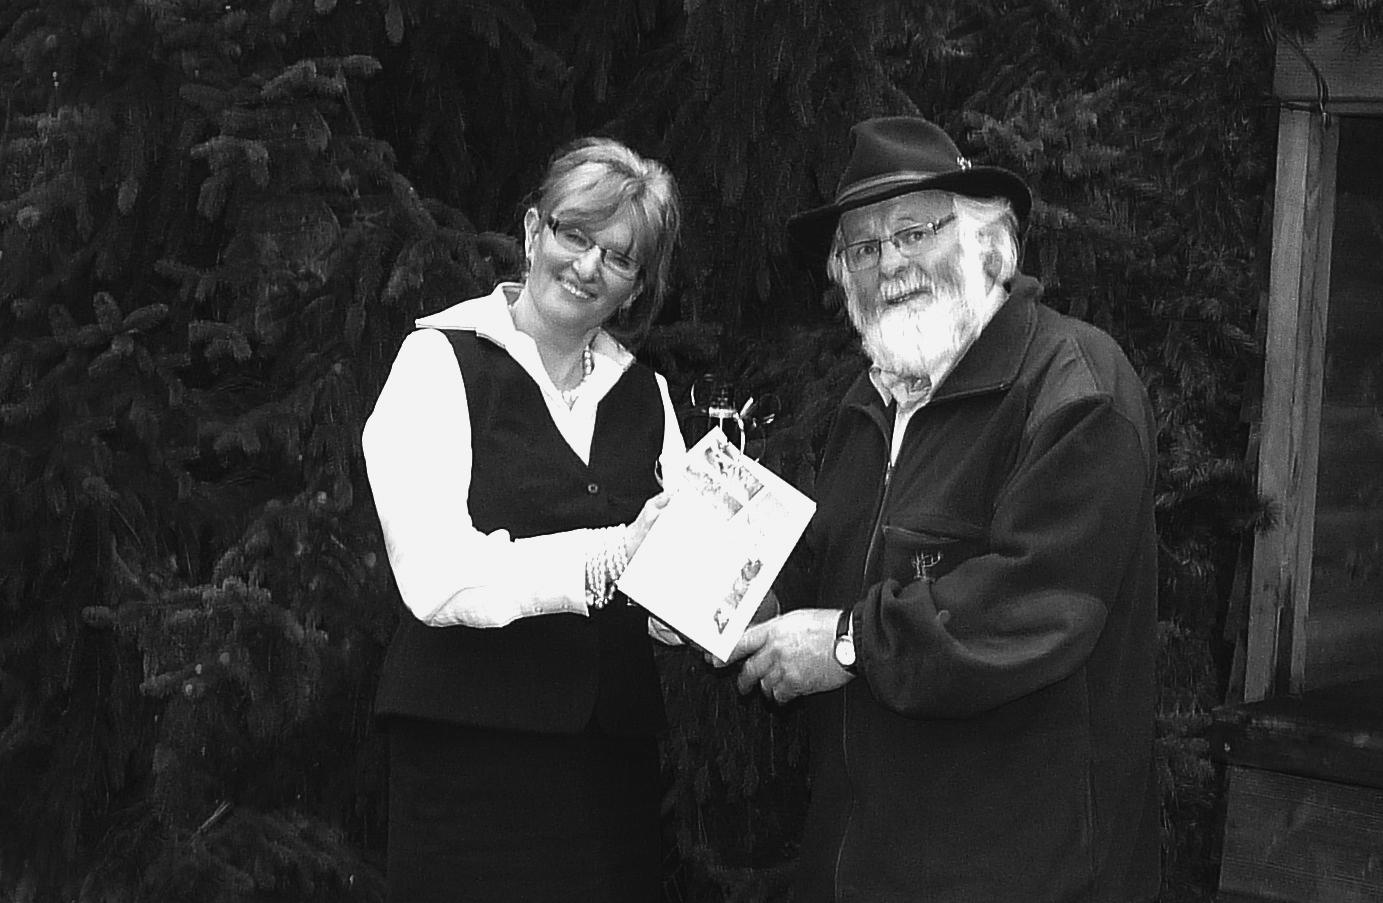 Yvonne Borneman van LandalGreen Park De Miggelenberg overhandigd Louis Fraanje, zichtbaar onder de indruk, de envelop, met daarin de coupon voor het gratis weekend op Landal Miggelenberg, en de bijbehorende fles wijn - Foto: Judith Kok